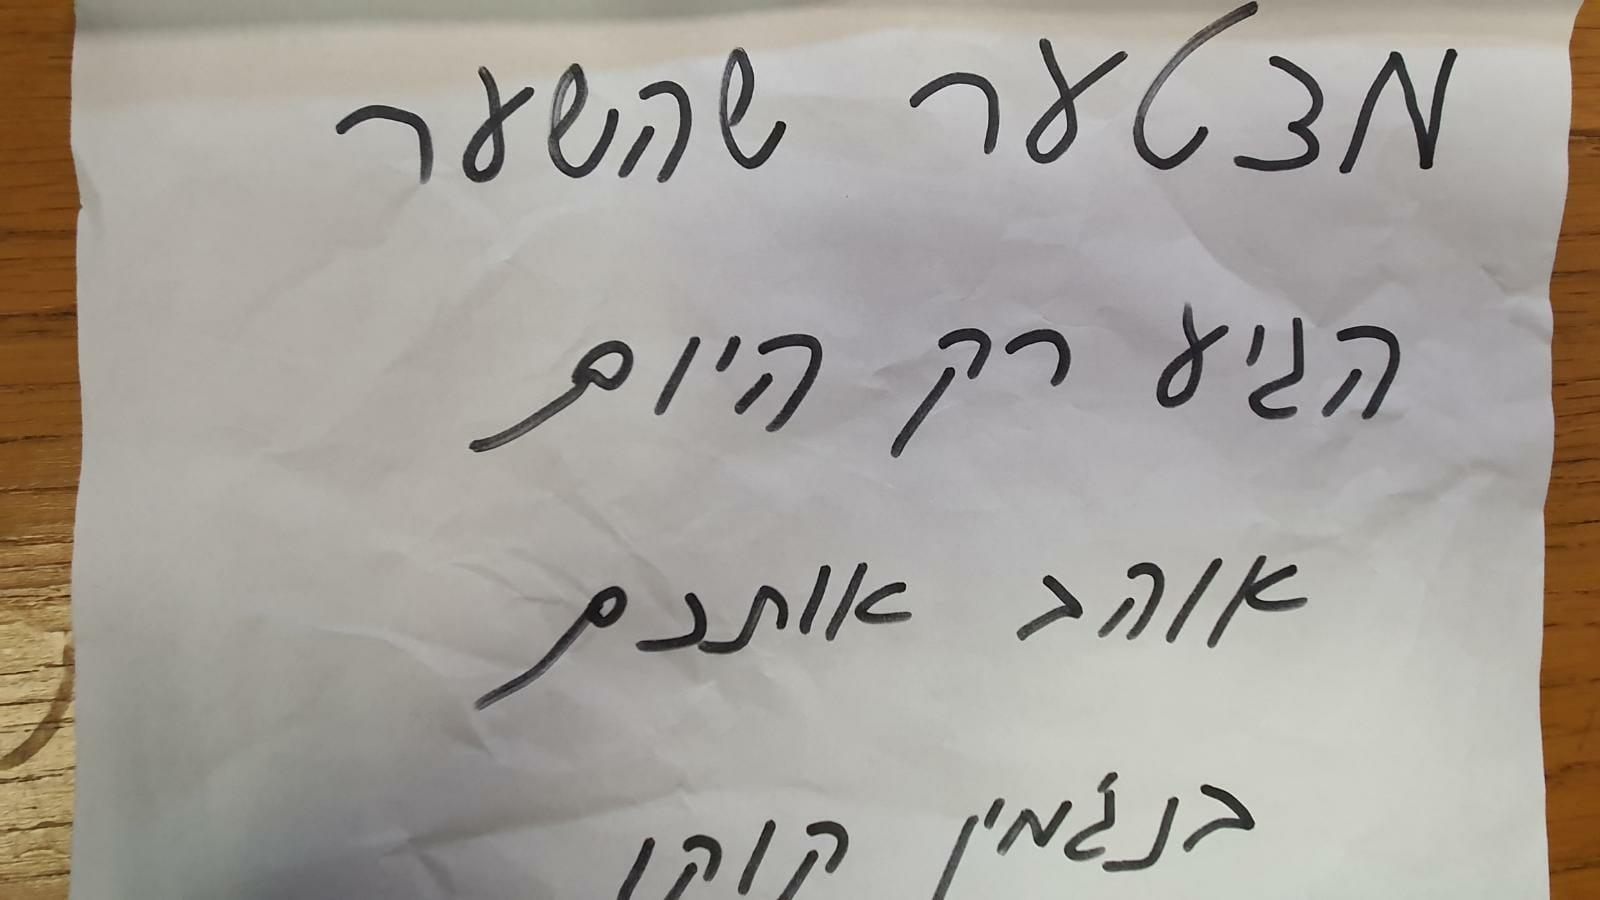 השלט של קוקו. צילום באדיבות הפועל כפר סבא